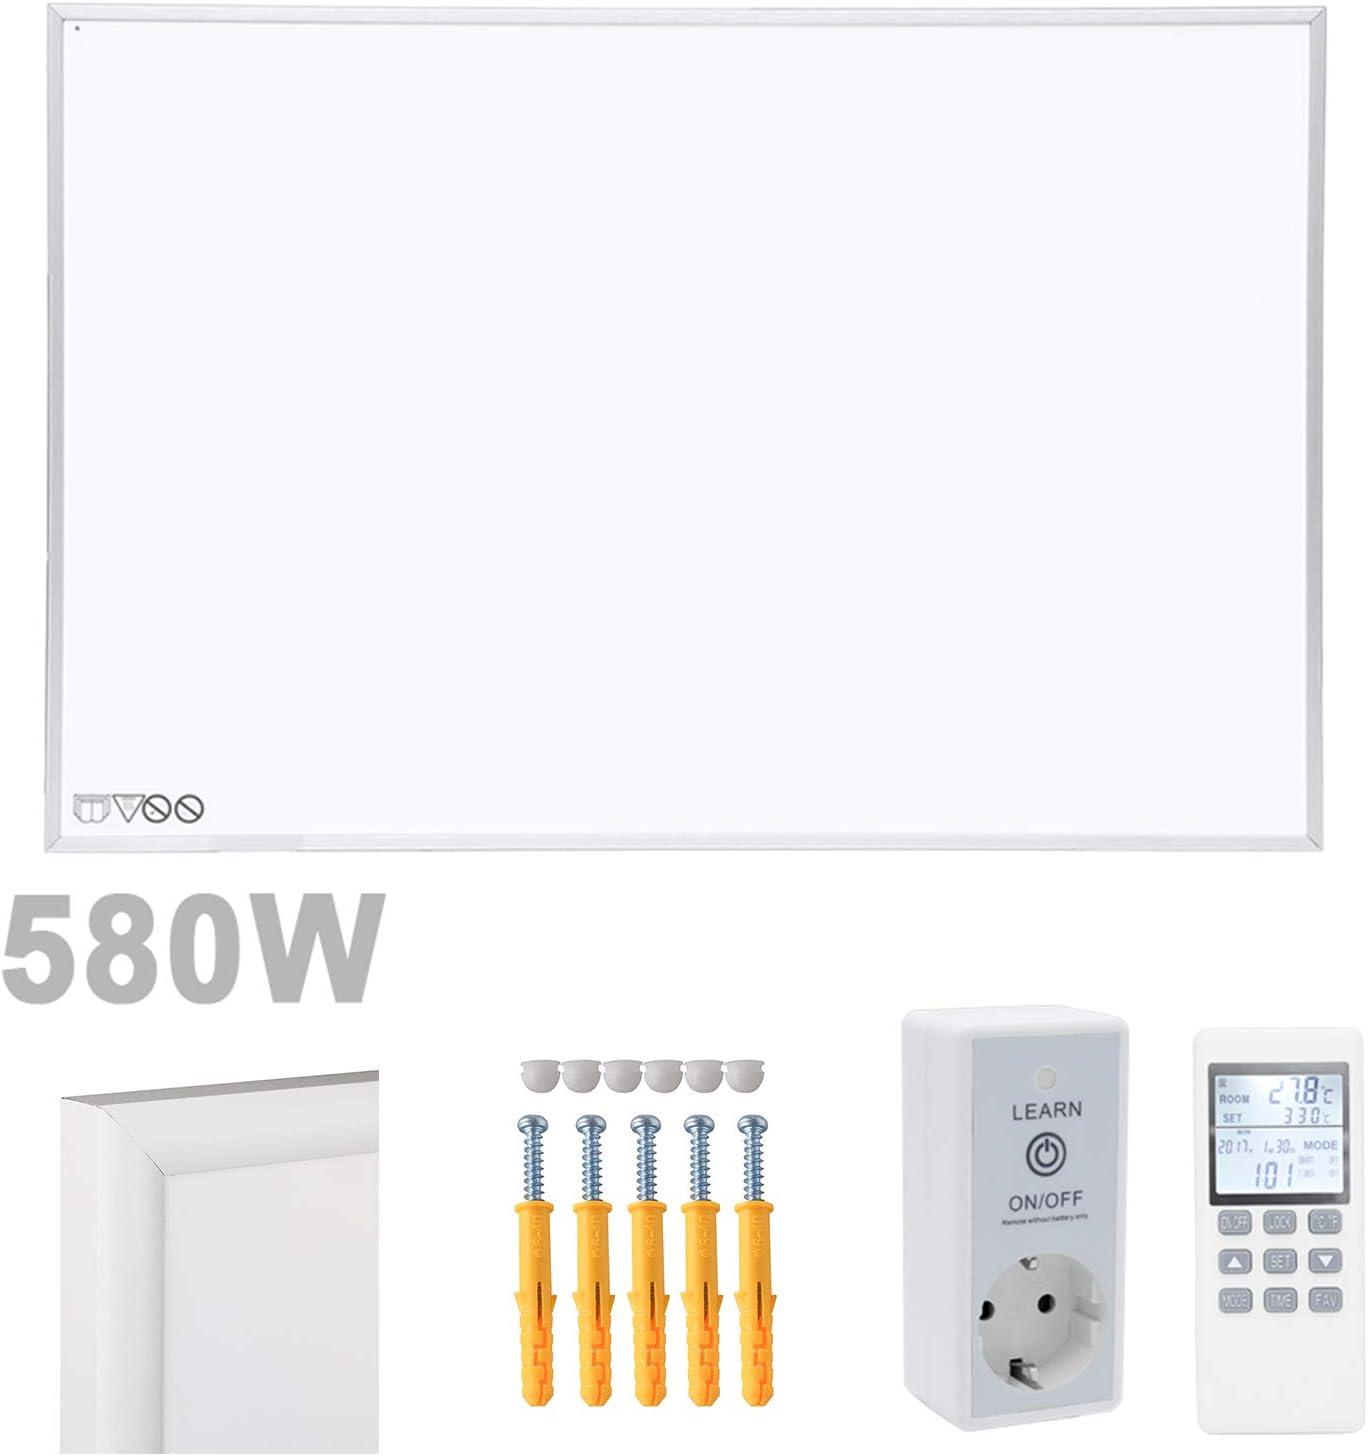 vingo 1100W Calefactor El/éctrico erguido Panel Calentador de Pared Infrarrojo con Protecci/ón contra sobrecalentamiento